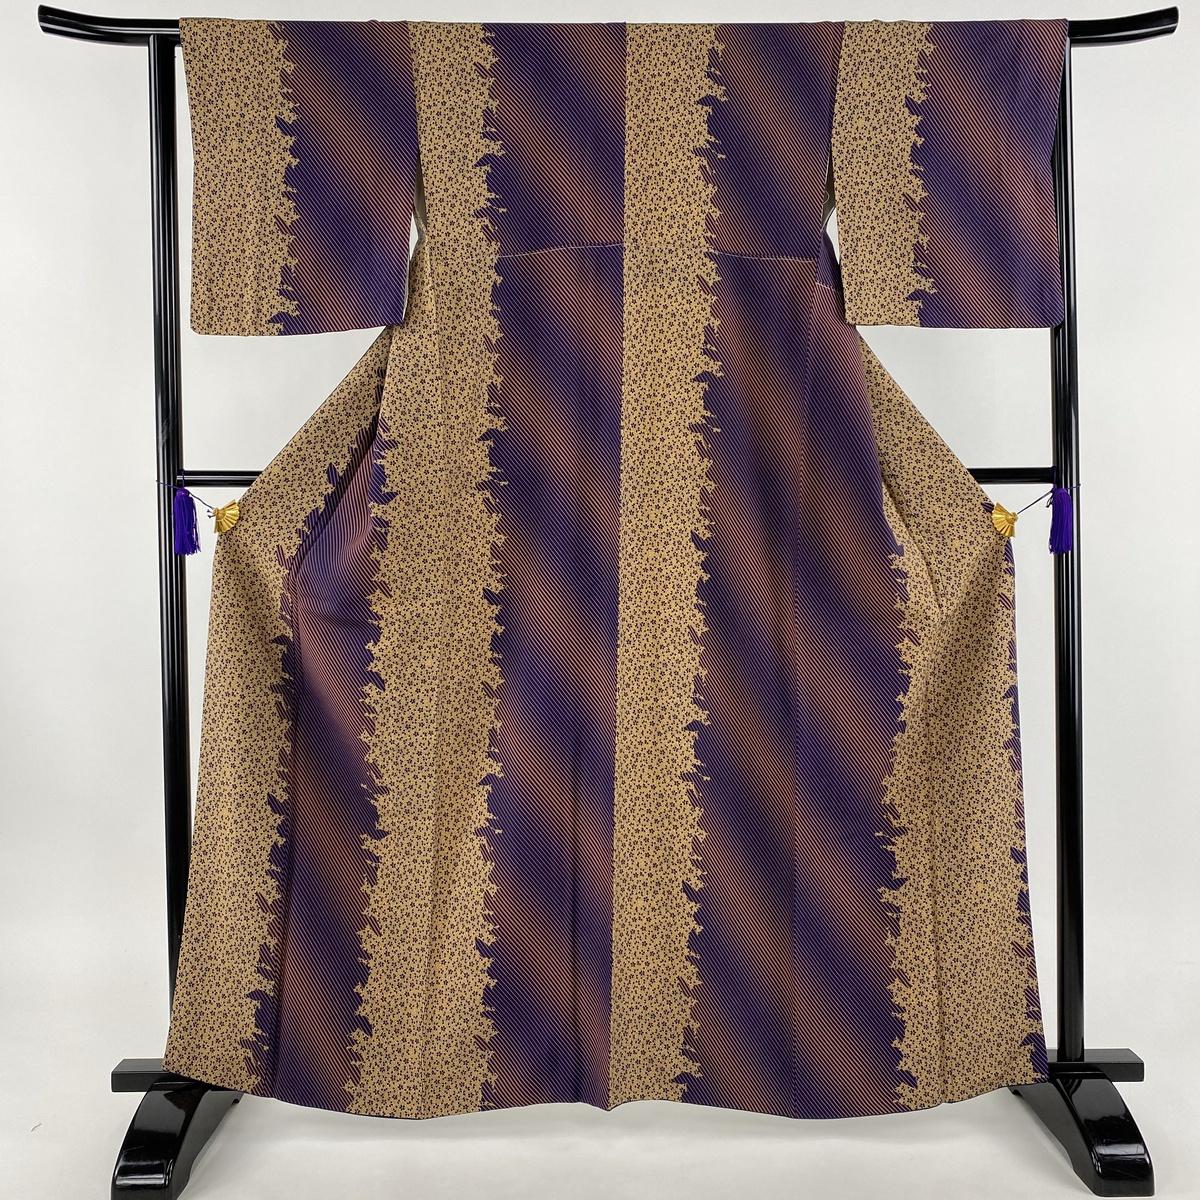 小紋 美品 秀品 桜 斜縞 紫 袷 身丈163cm 裄丈64cm M 正絹 【中古】